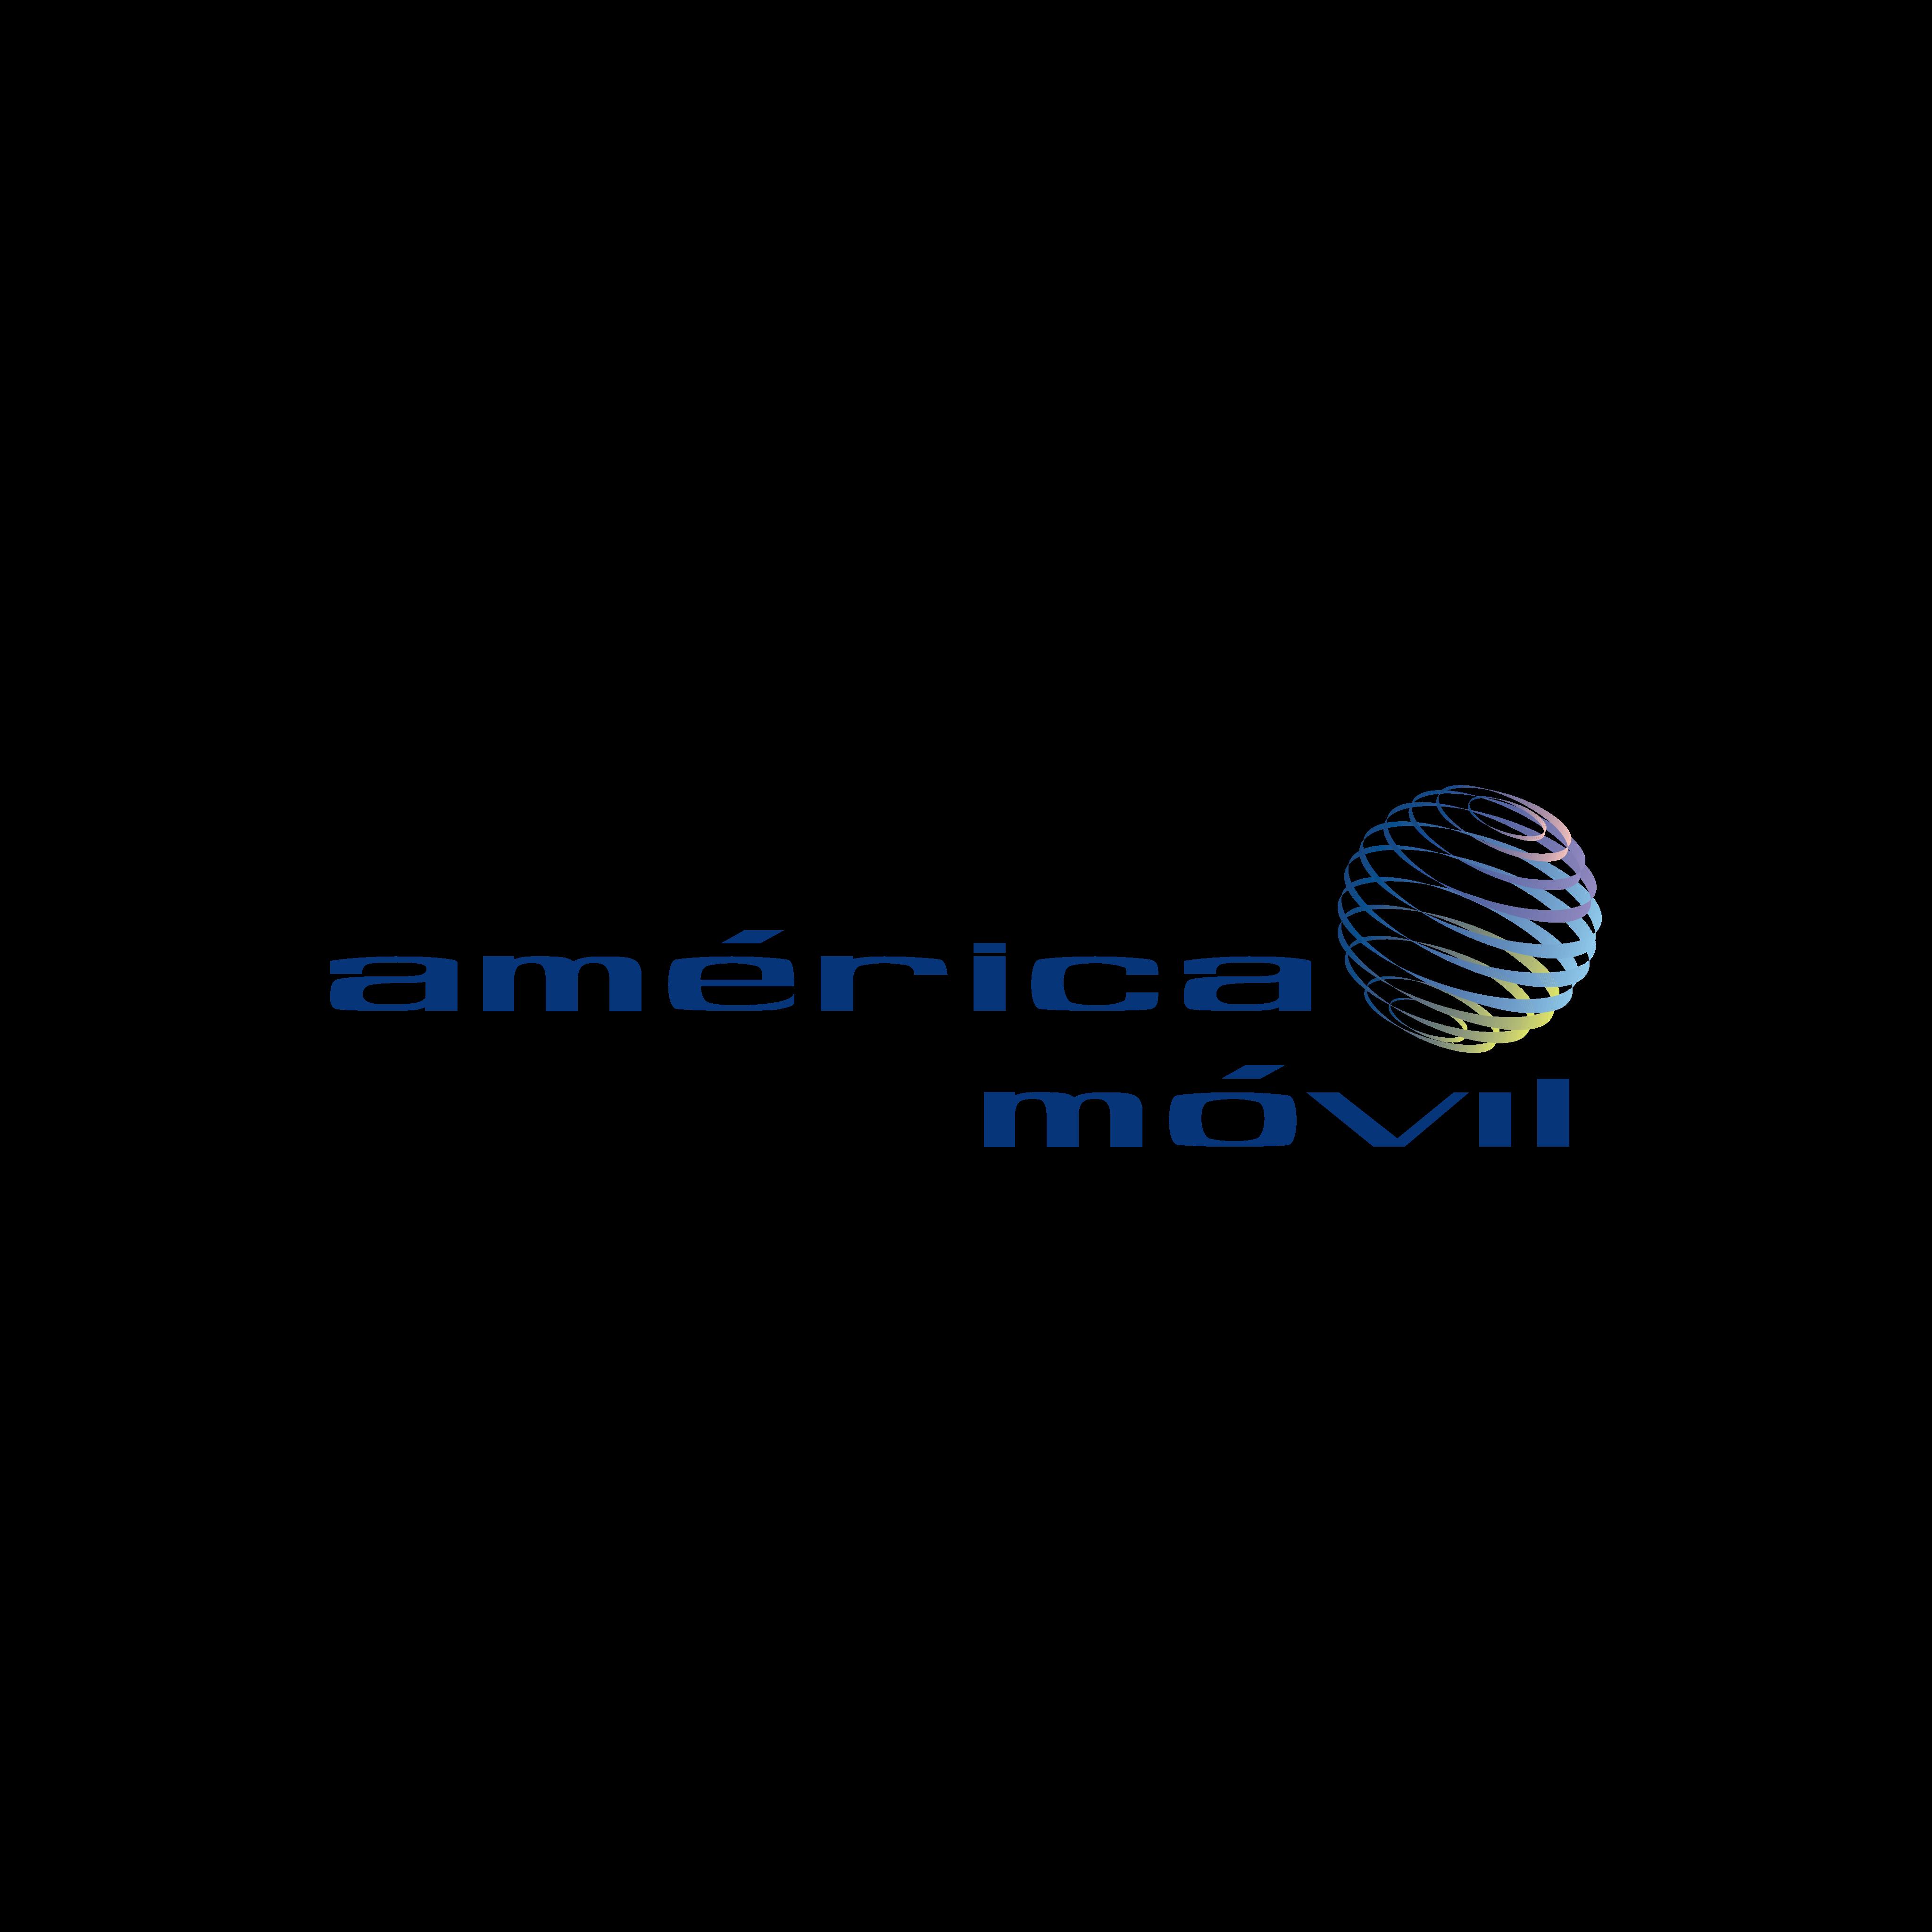 america movil logo 0 - América Móvil Logo